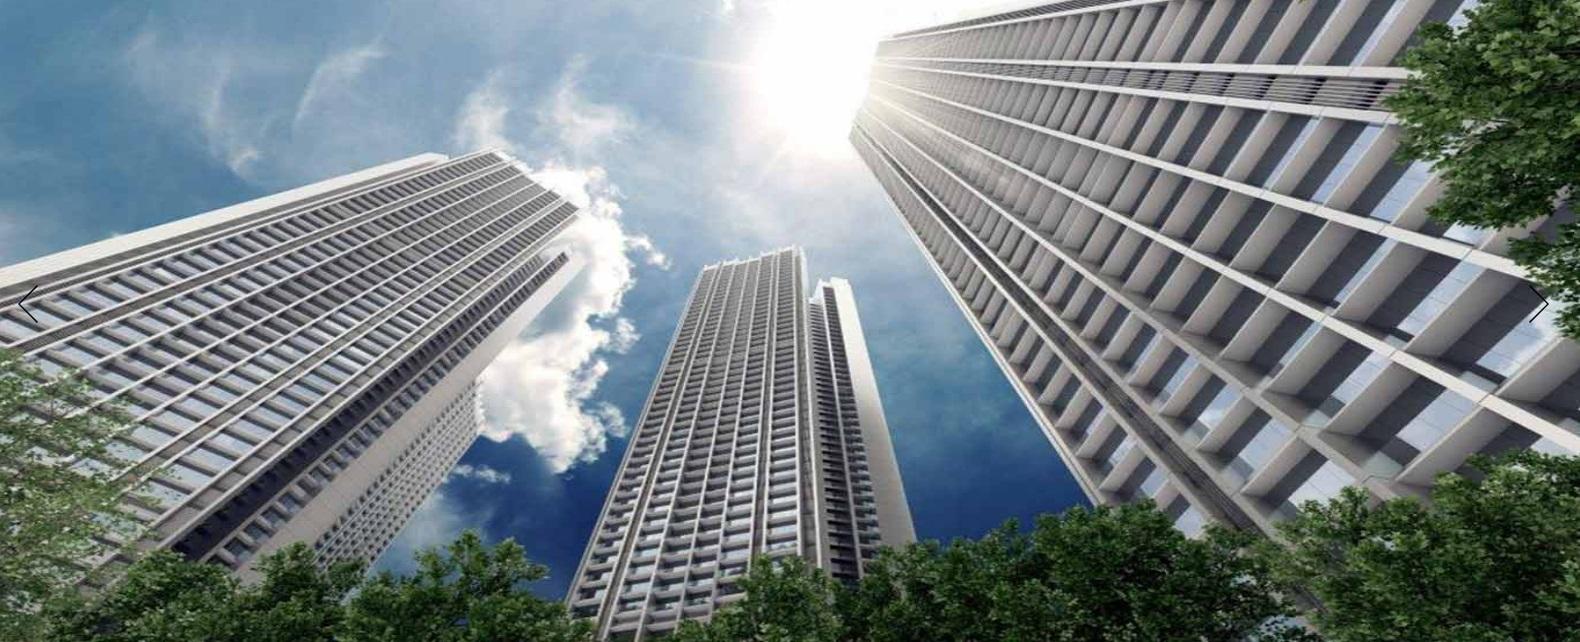 Oberoi Sky City Borivali Mumbai